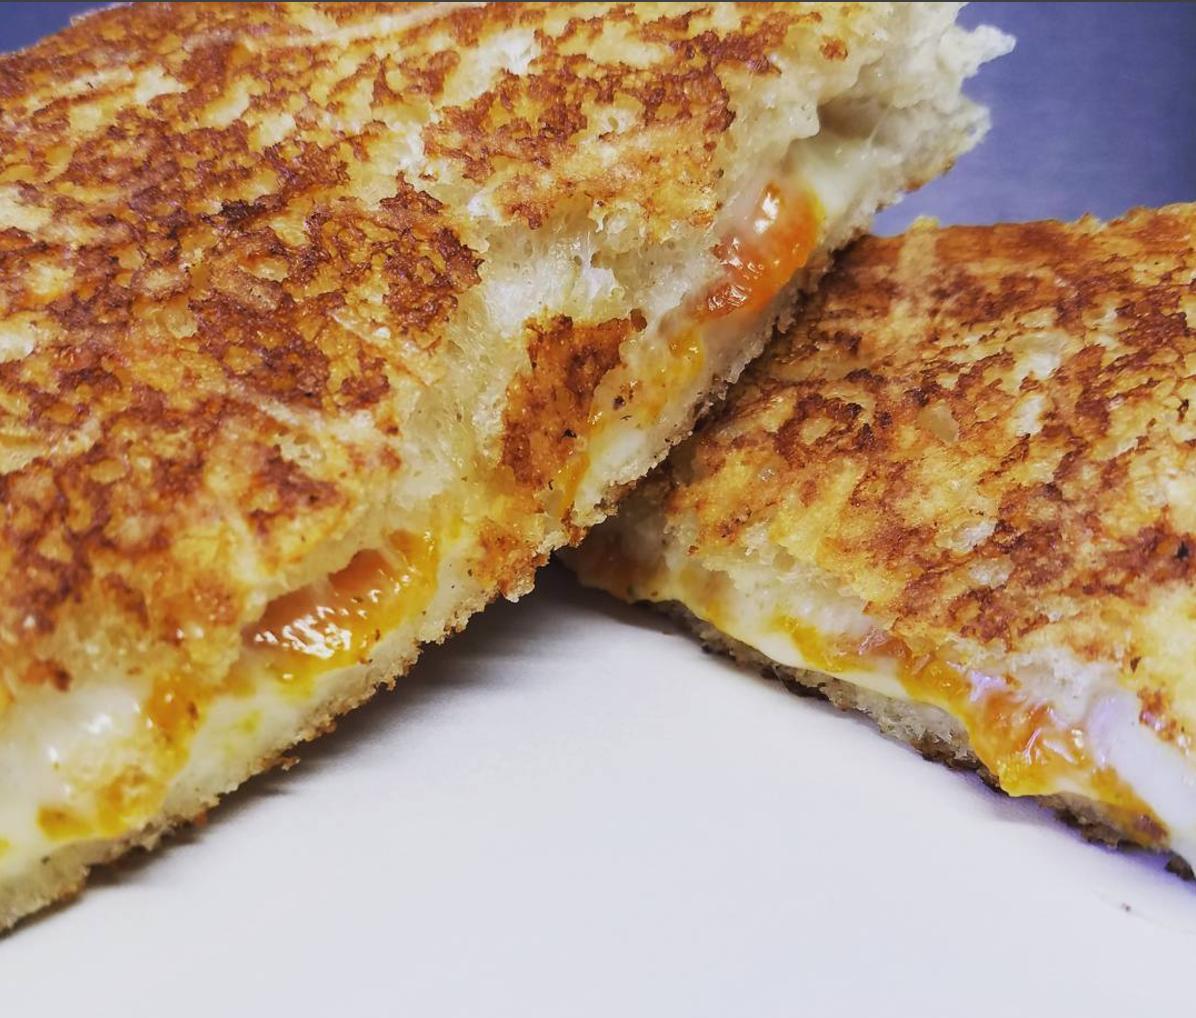 Ooey Gooey Gourmet Grilled Cheese